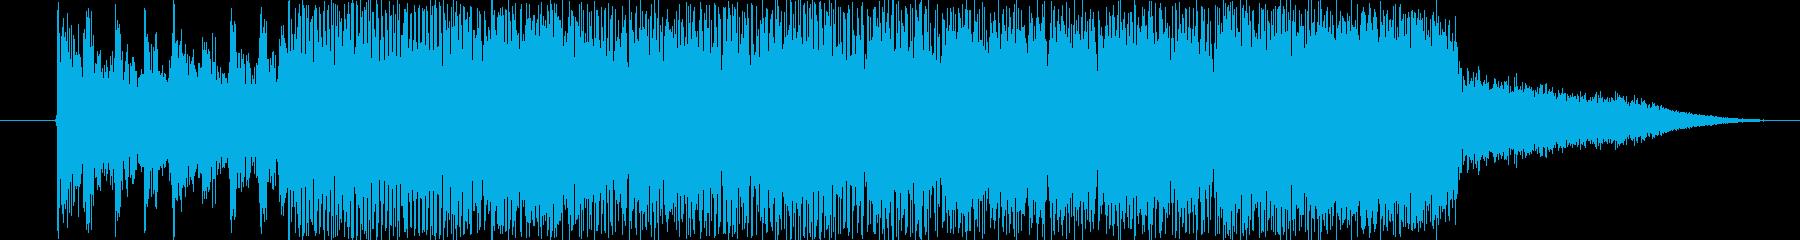 格闘ゲームやレースのスタート時の音の再生済みの波形